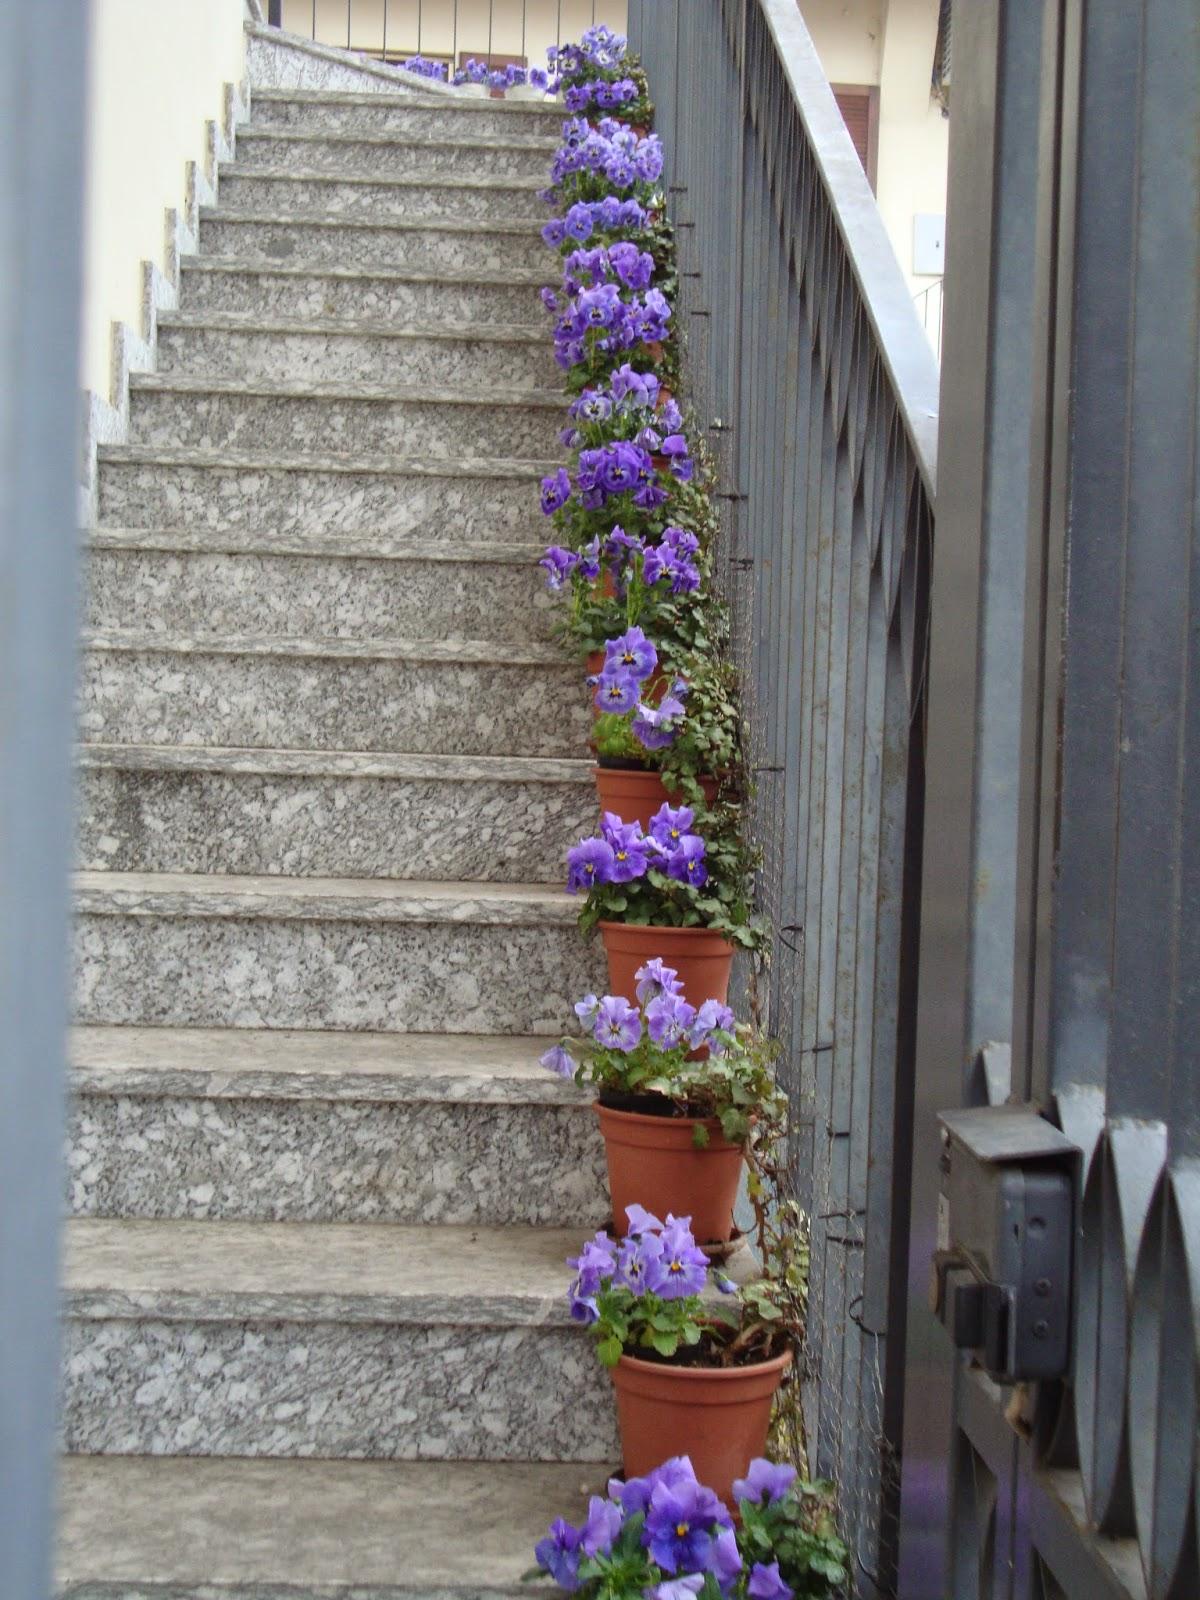 Un piccolo giardino in citt una lunga scala di fiori - Scale in giardino ...